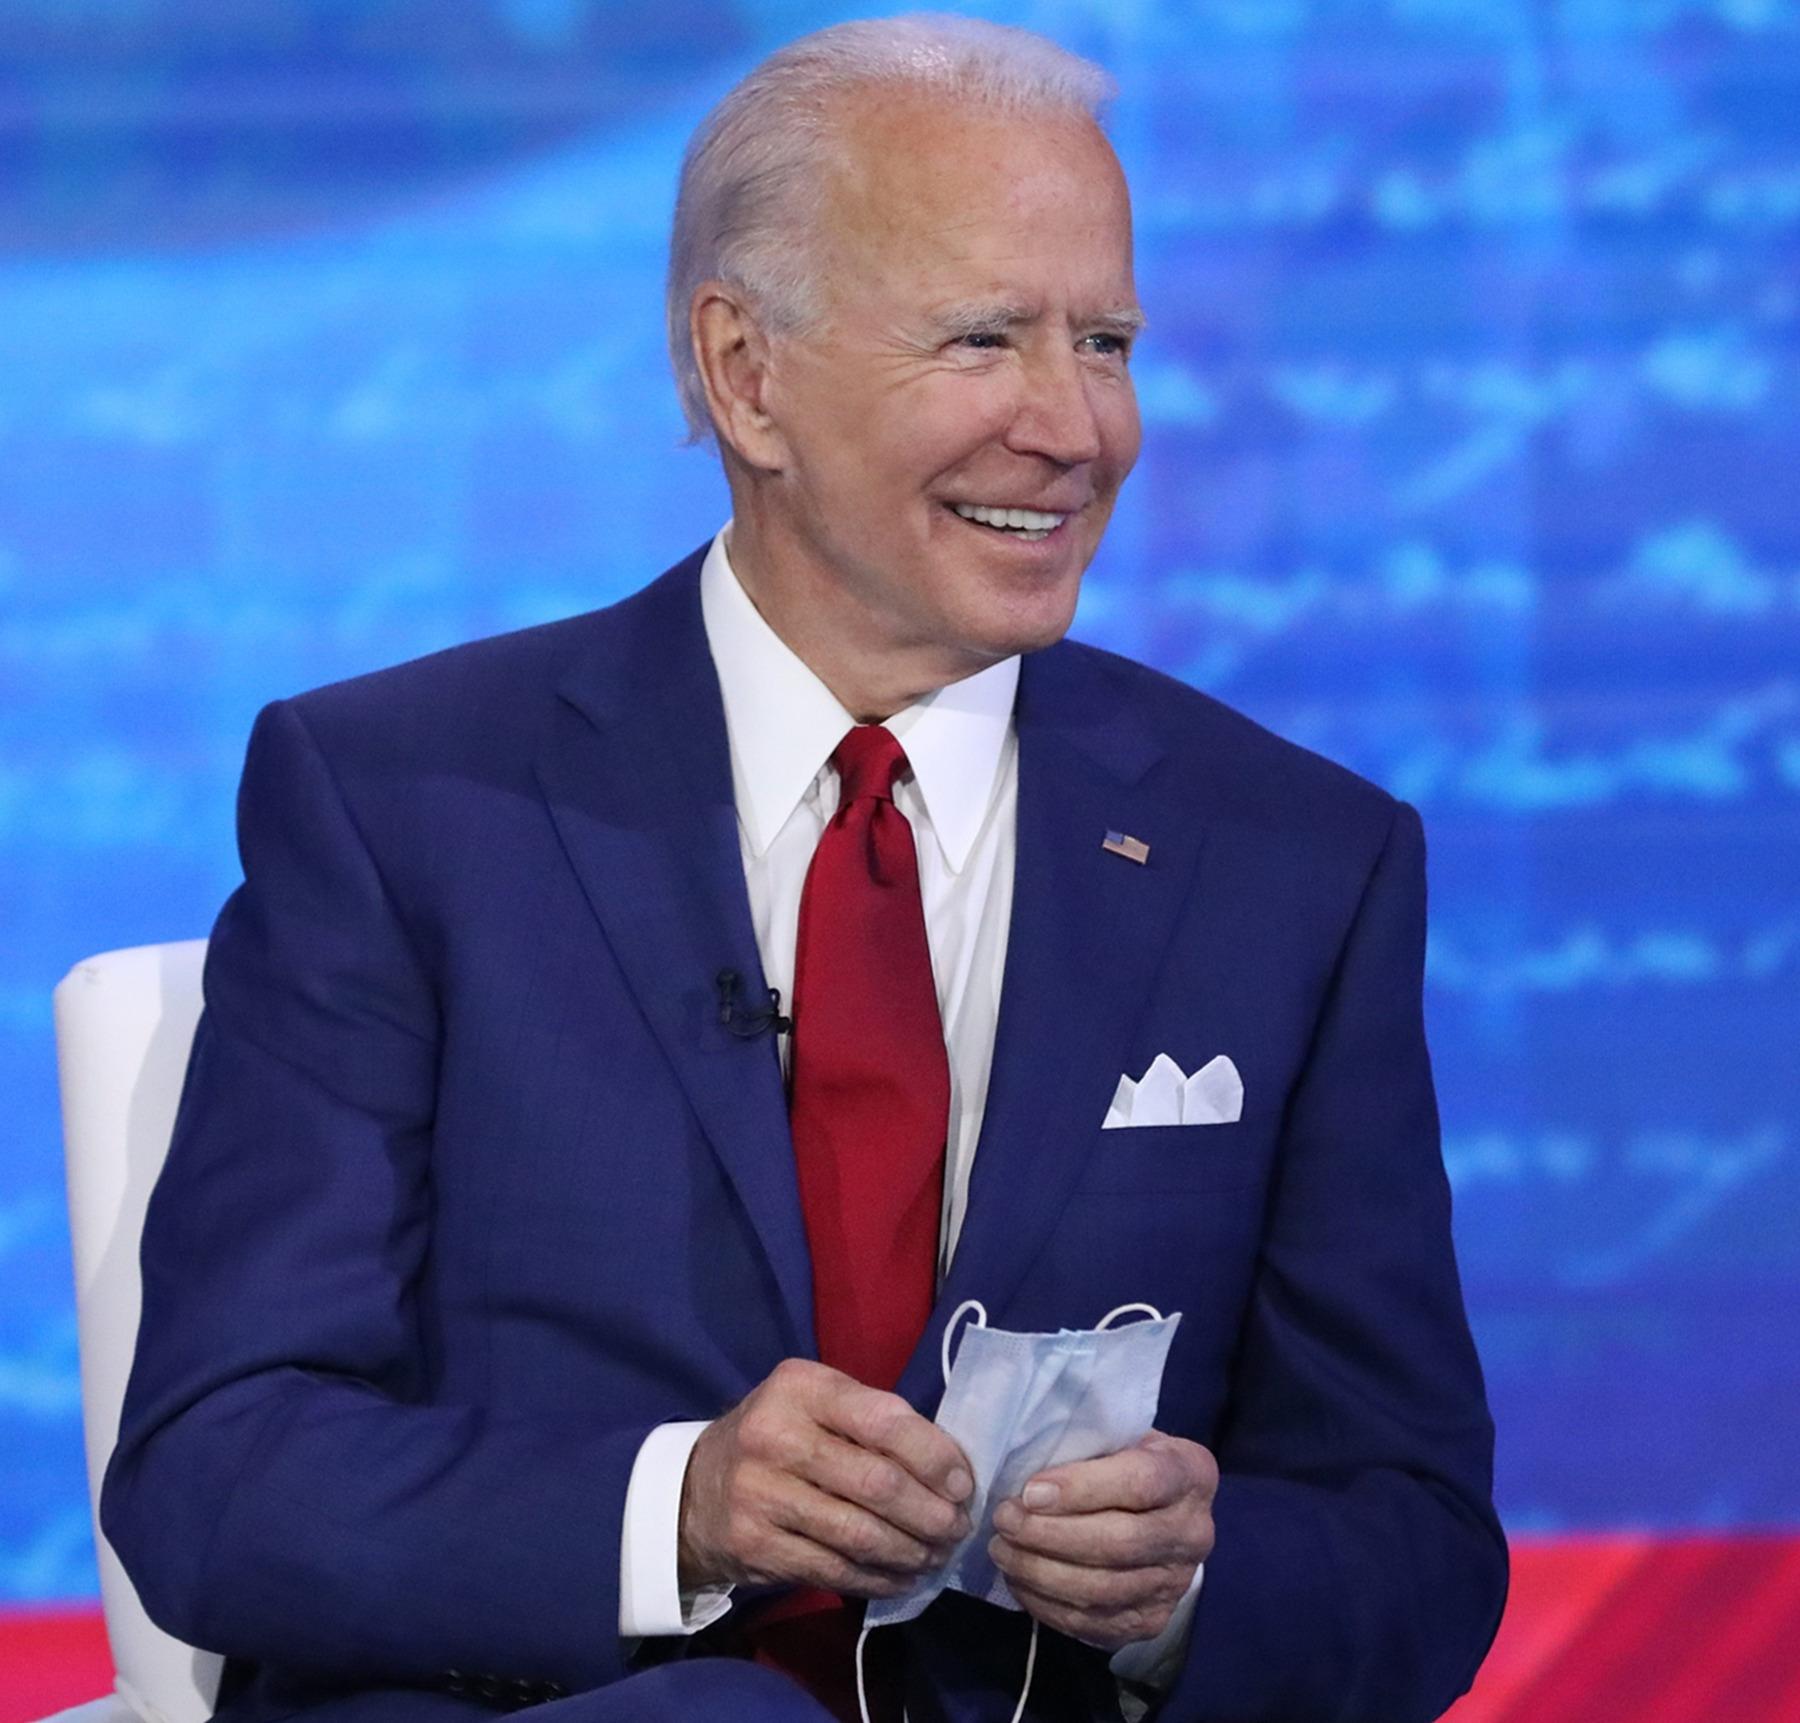 Joe Biden actualmente encabeza las encuestas nacionales, pero Donald Trump ya ha regresado